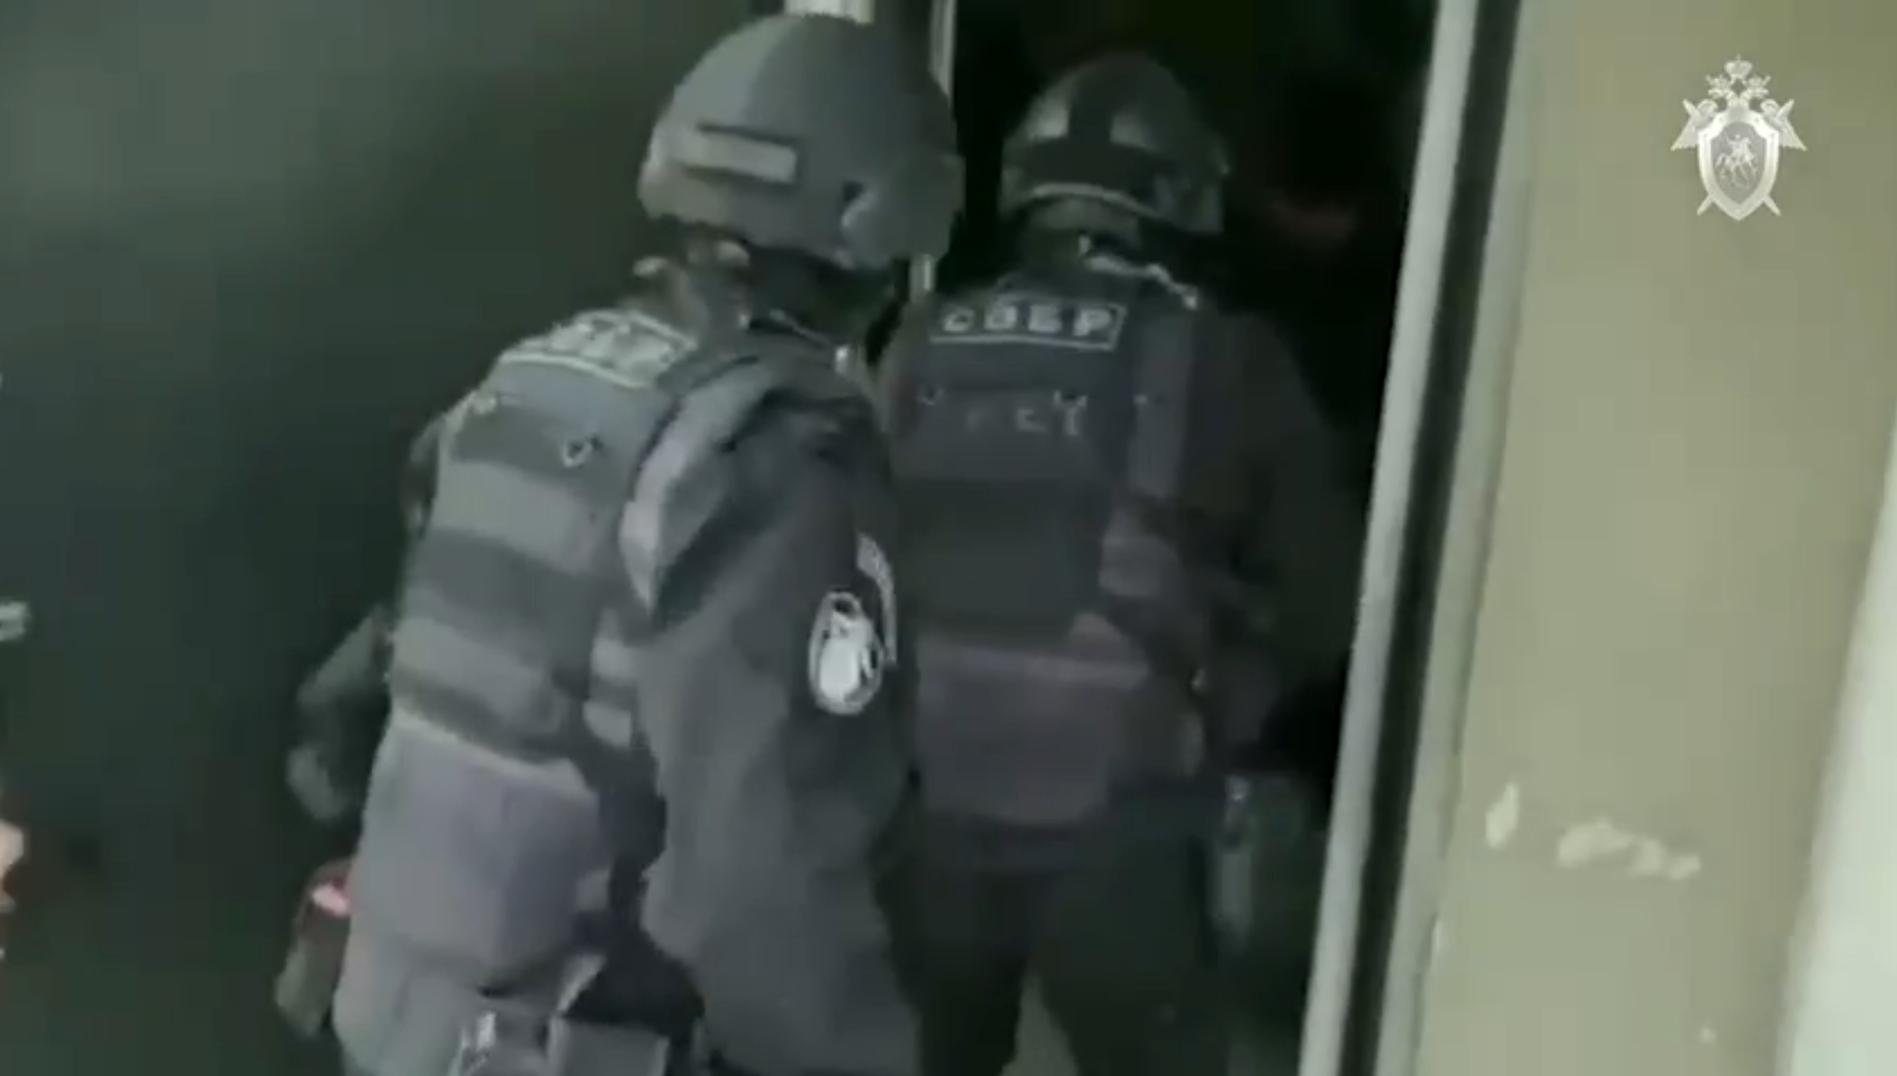 Силовики штурмовали квартиры вымогателей, грозившихся спалить кафе в Тверской области